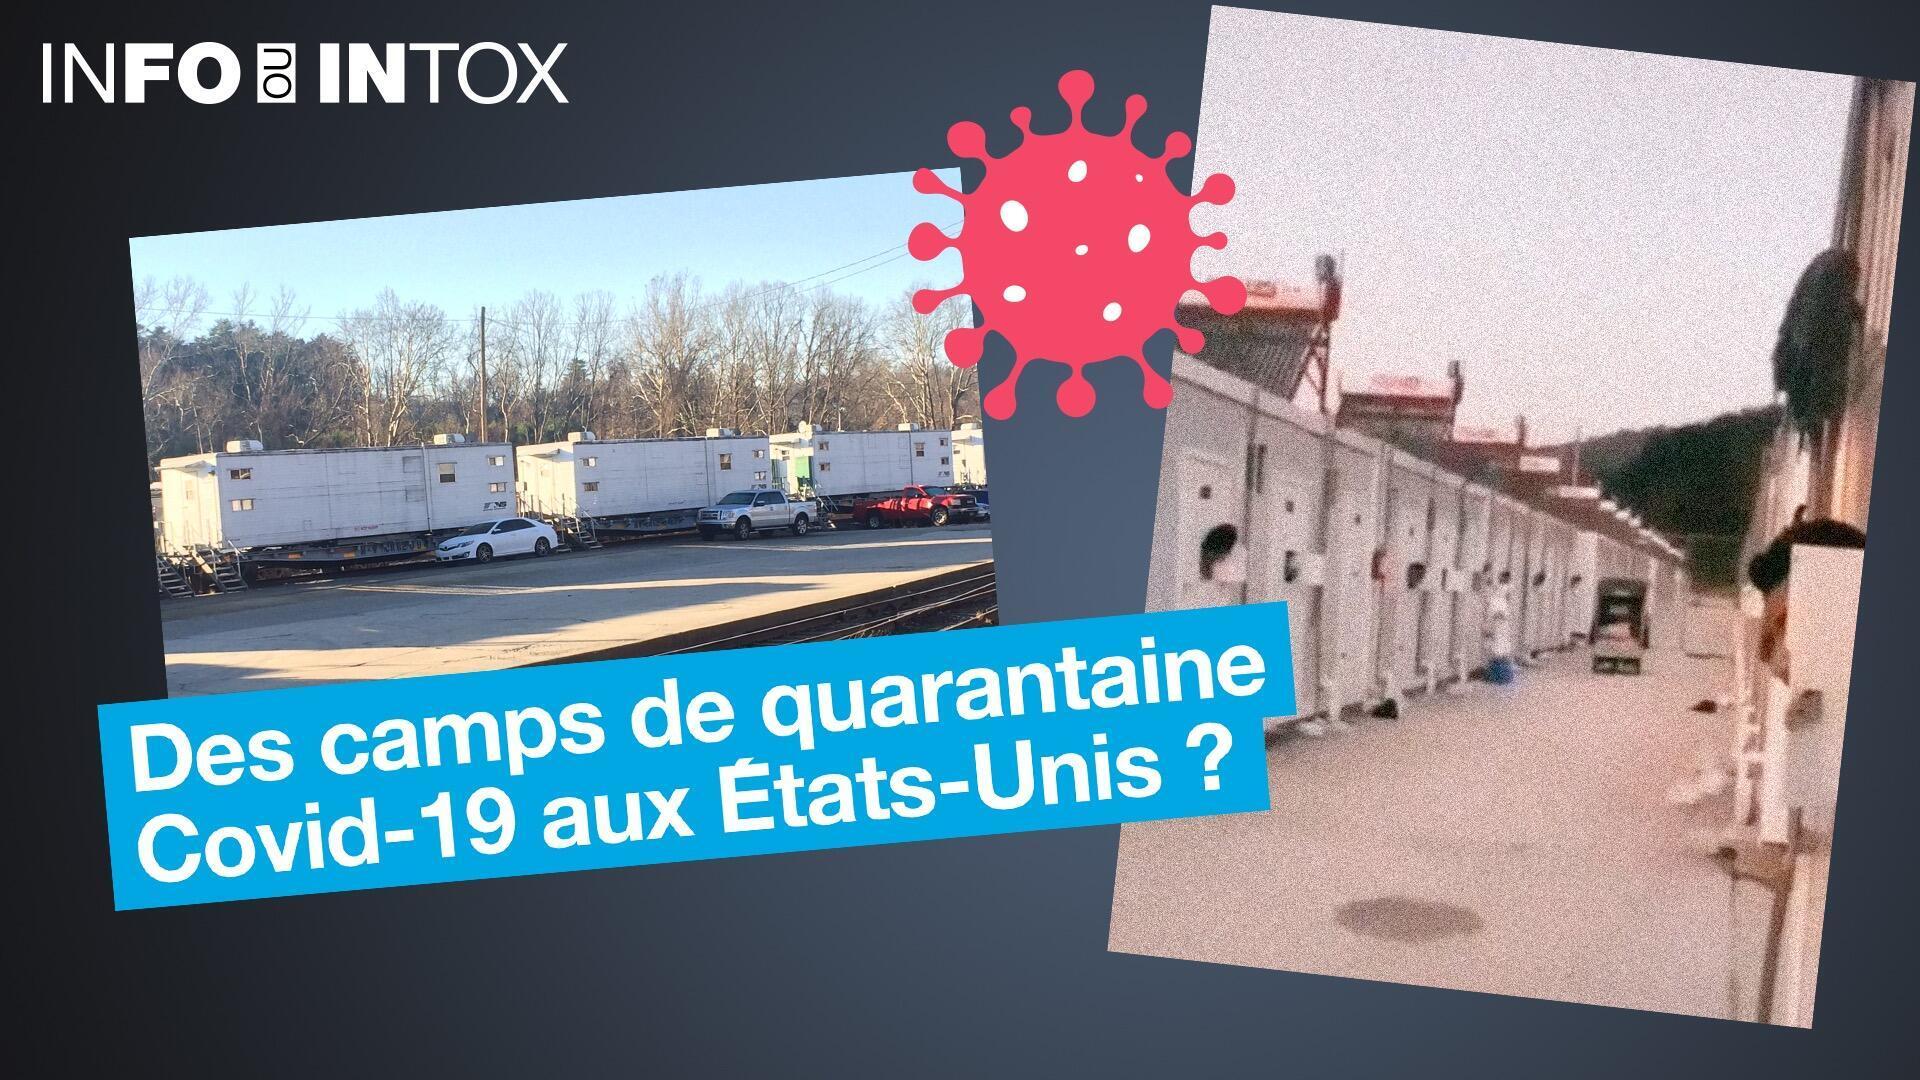 info-intox-camp-quarantaine-1920x1080-FR